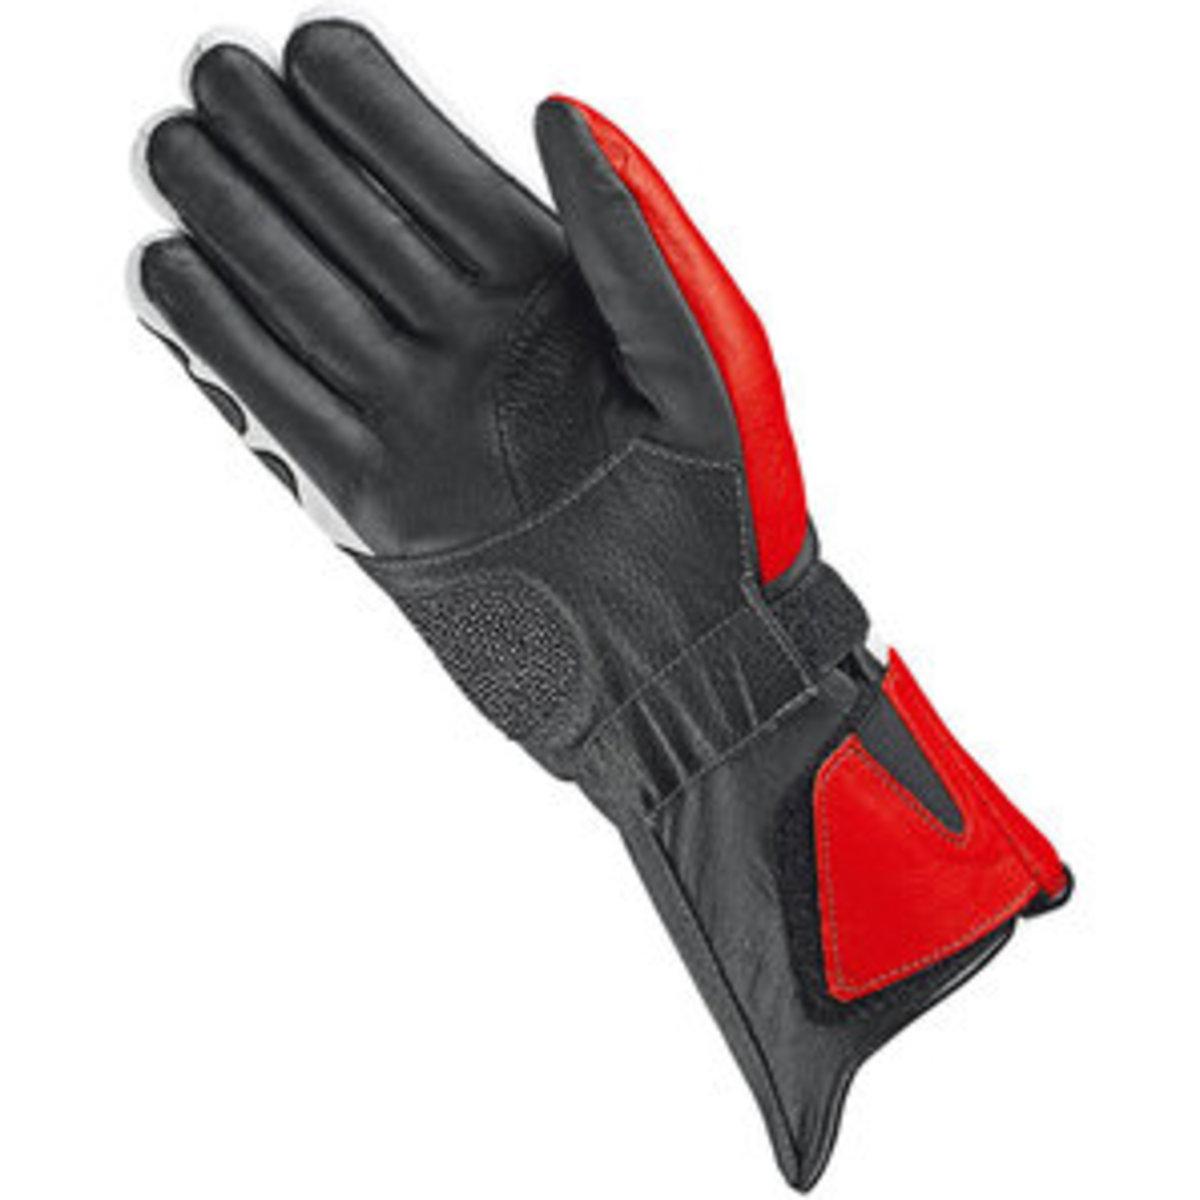 Bild 2 von Held Akira Evo        Handschuhe, 2712